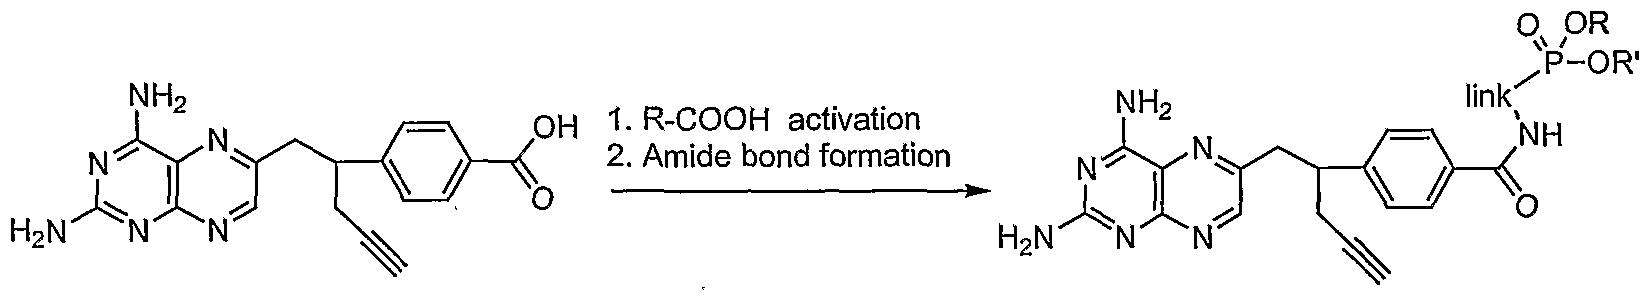 Figure imgf000357_0002